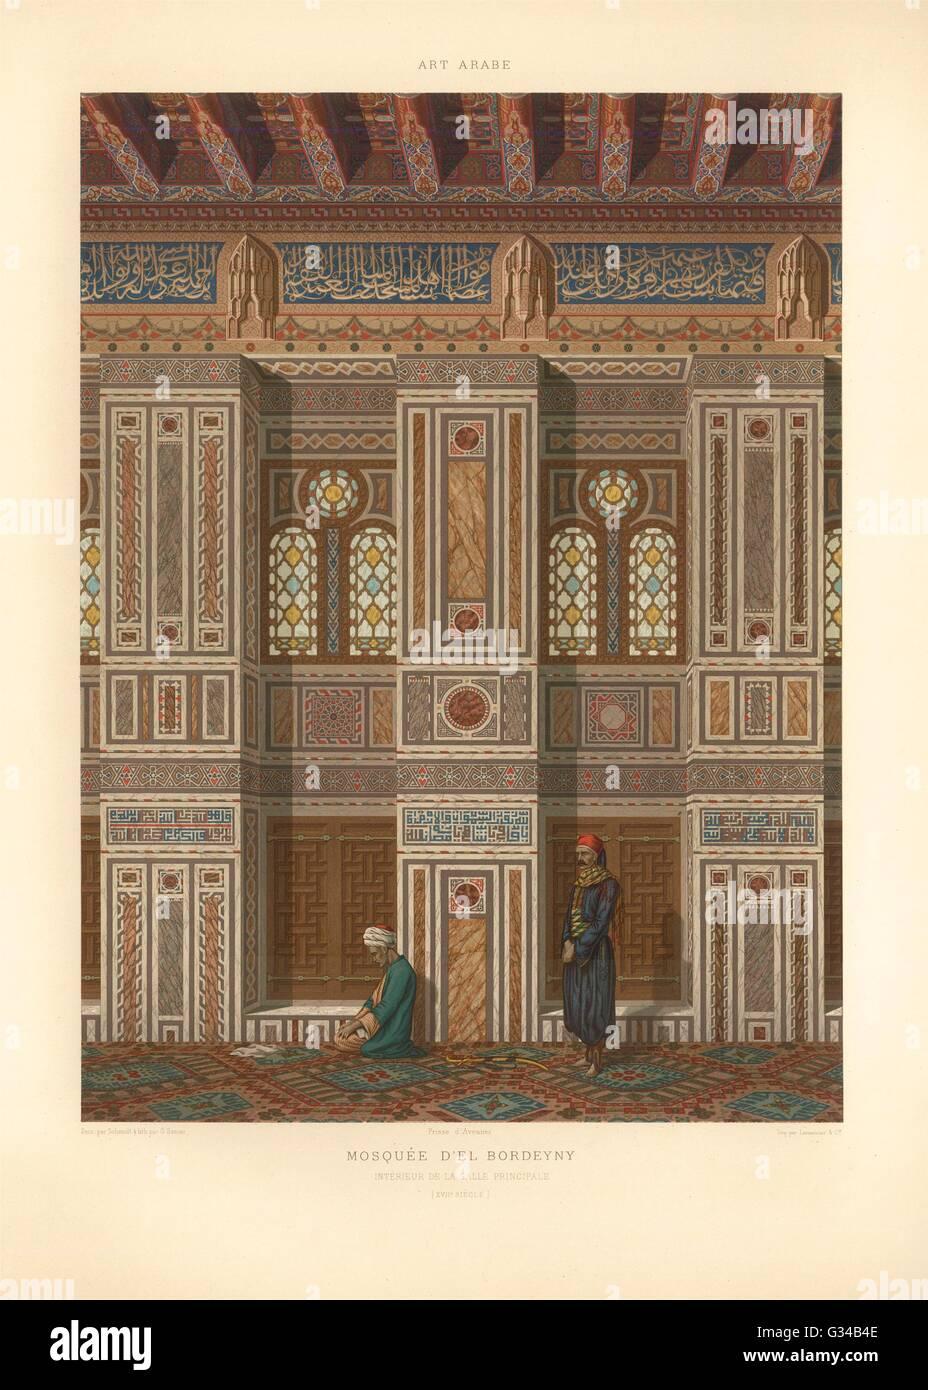 Illustration aus der 1877 Veröffentlichung auf arabische Art: l ' Art Arabe. Sehenswürdigkeiten von Stockbild